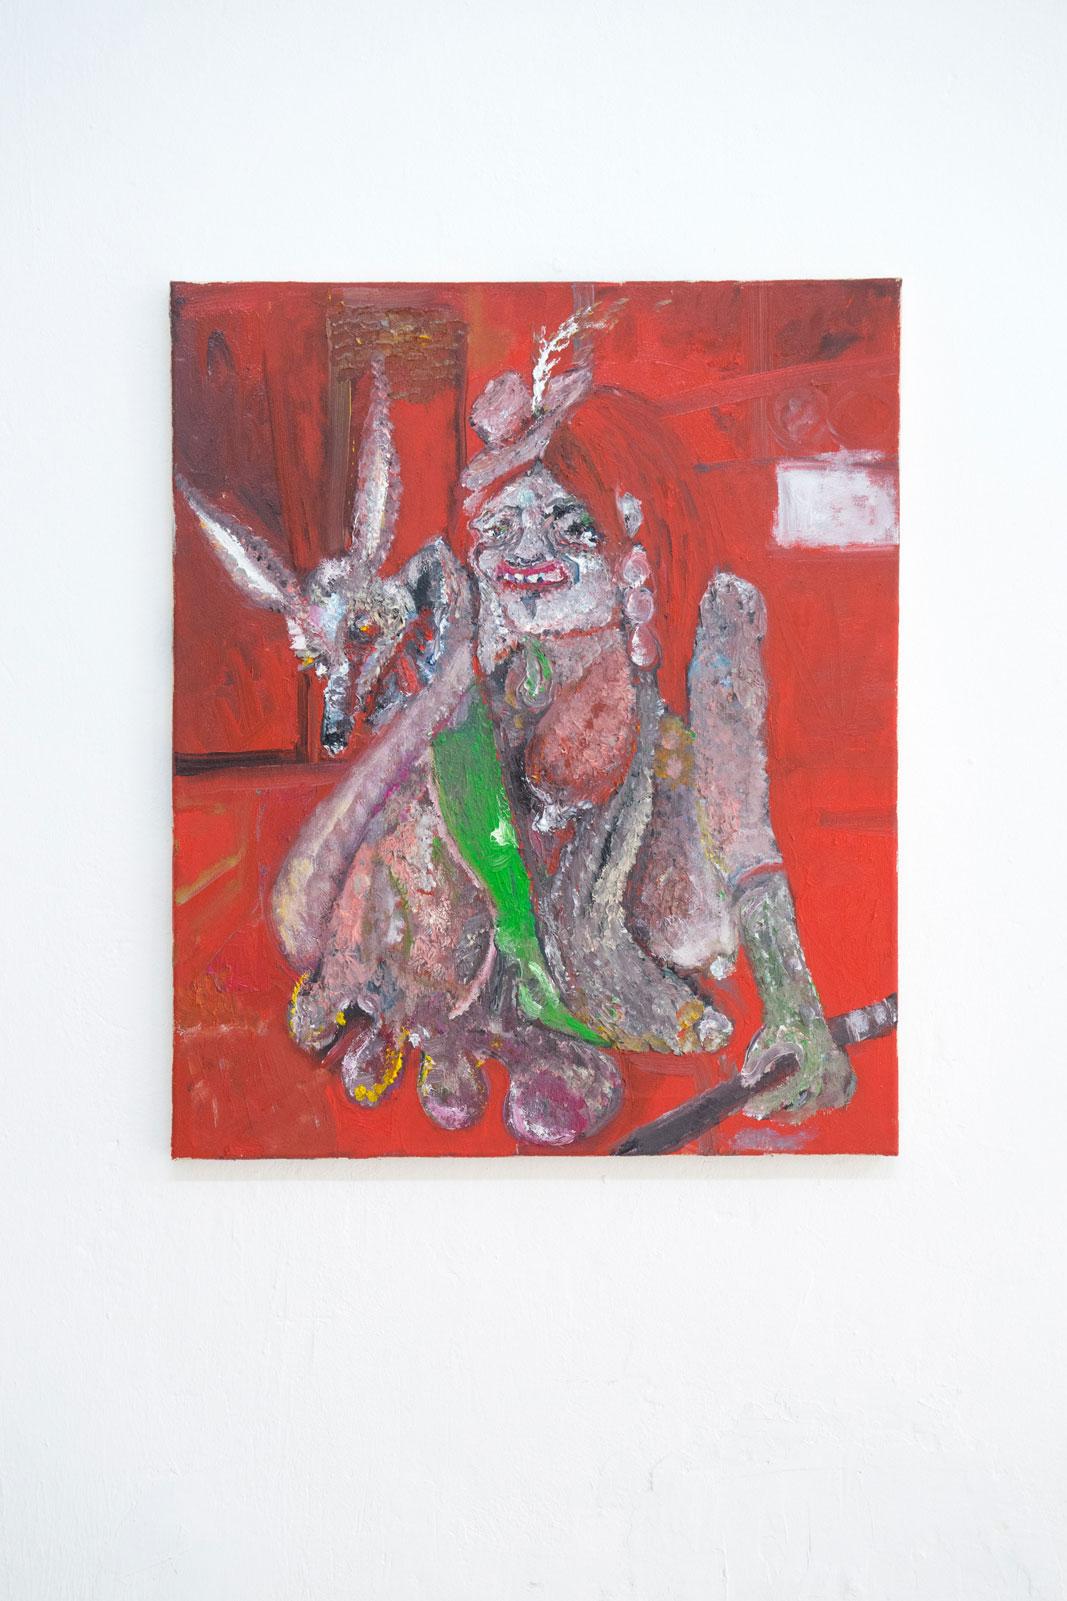 Joseph Geagan, Hound of Schmutzig, 2018, Oil on canvas, 60 x 50 cm